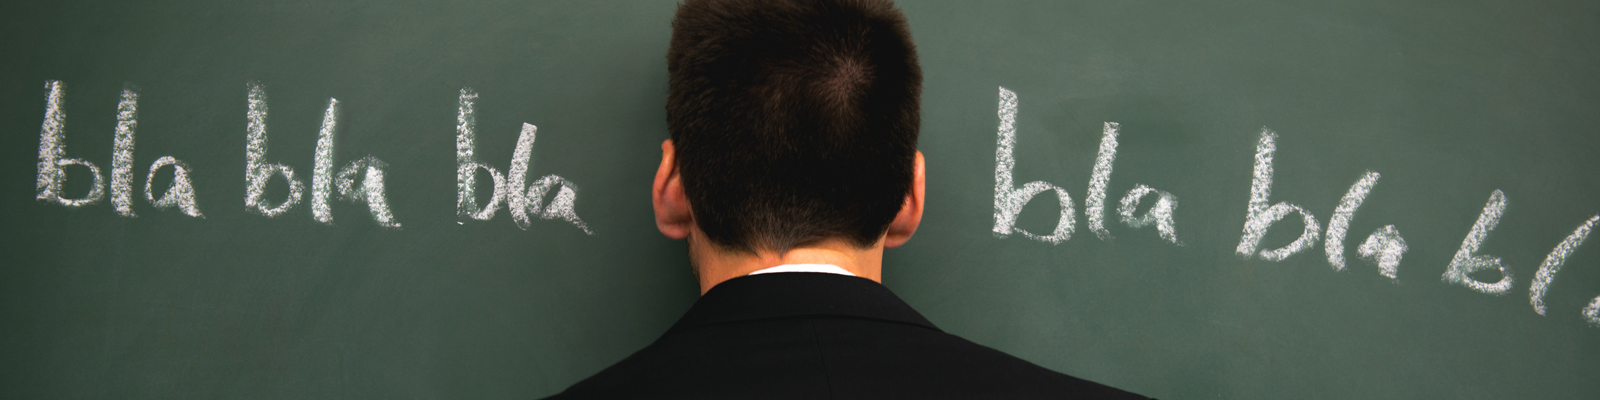 Kopf vor Tafel mit der Aufschrift bla bla bla.